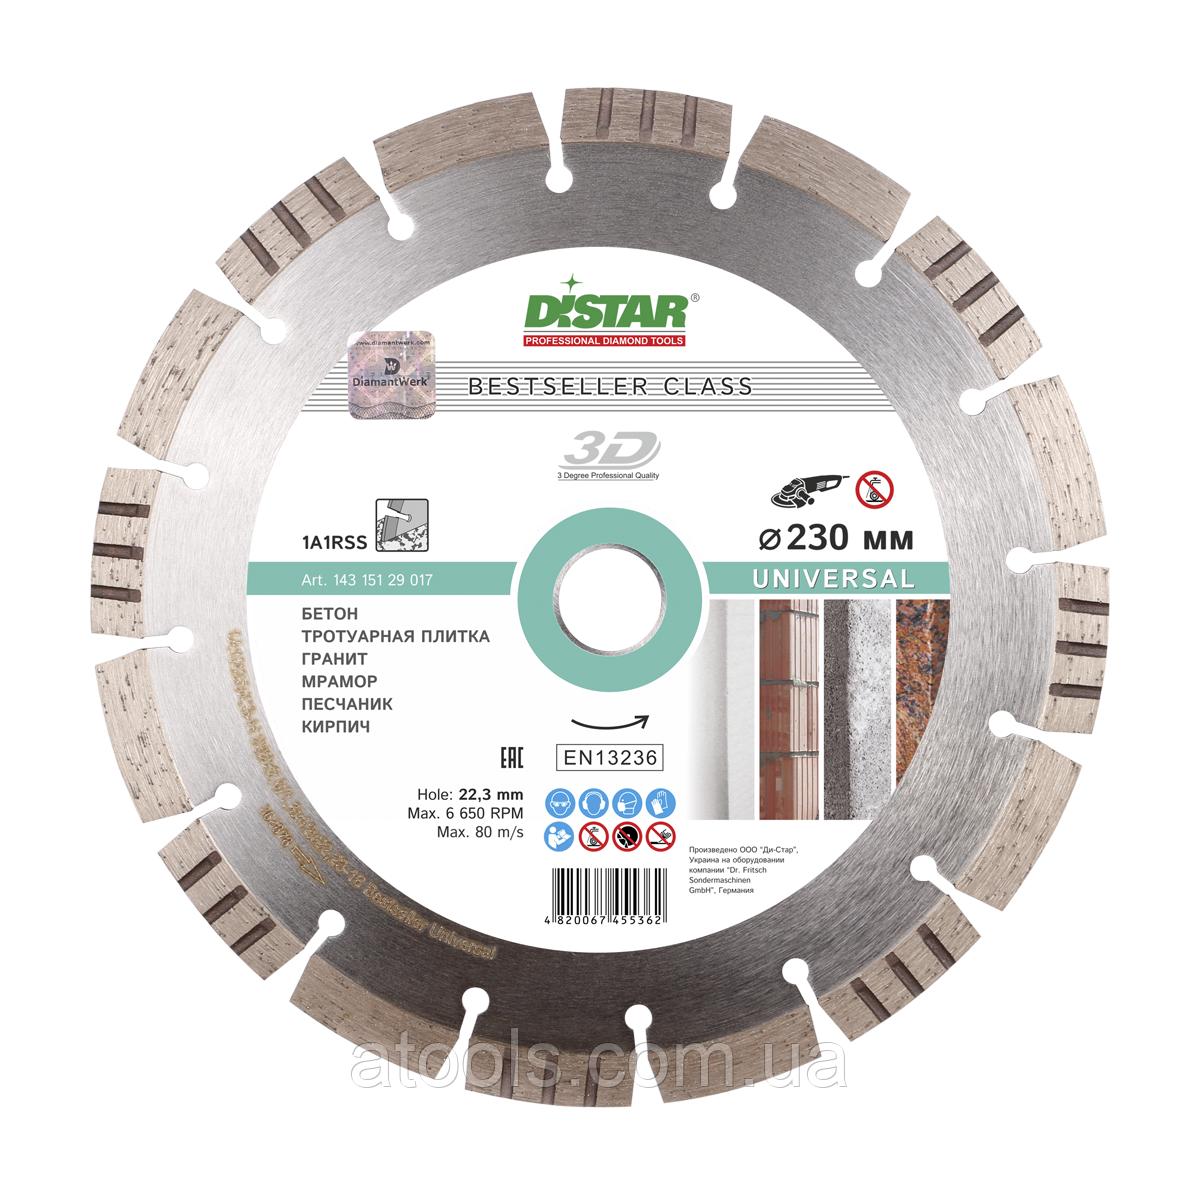 Алмазный отрезной диск Distar Universal 1A1RSS 232x2.6/1.8x12x22.23 Bestseller (14315129017)